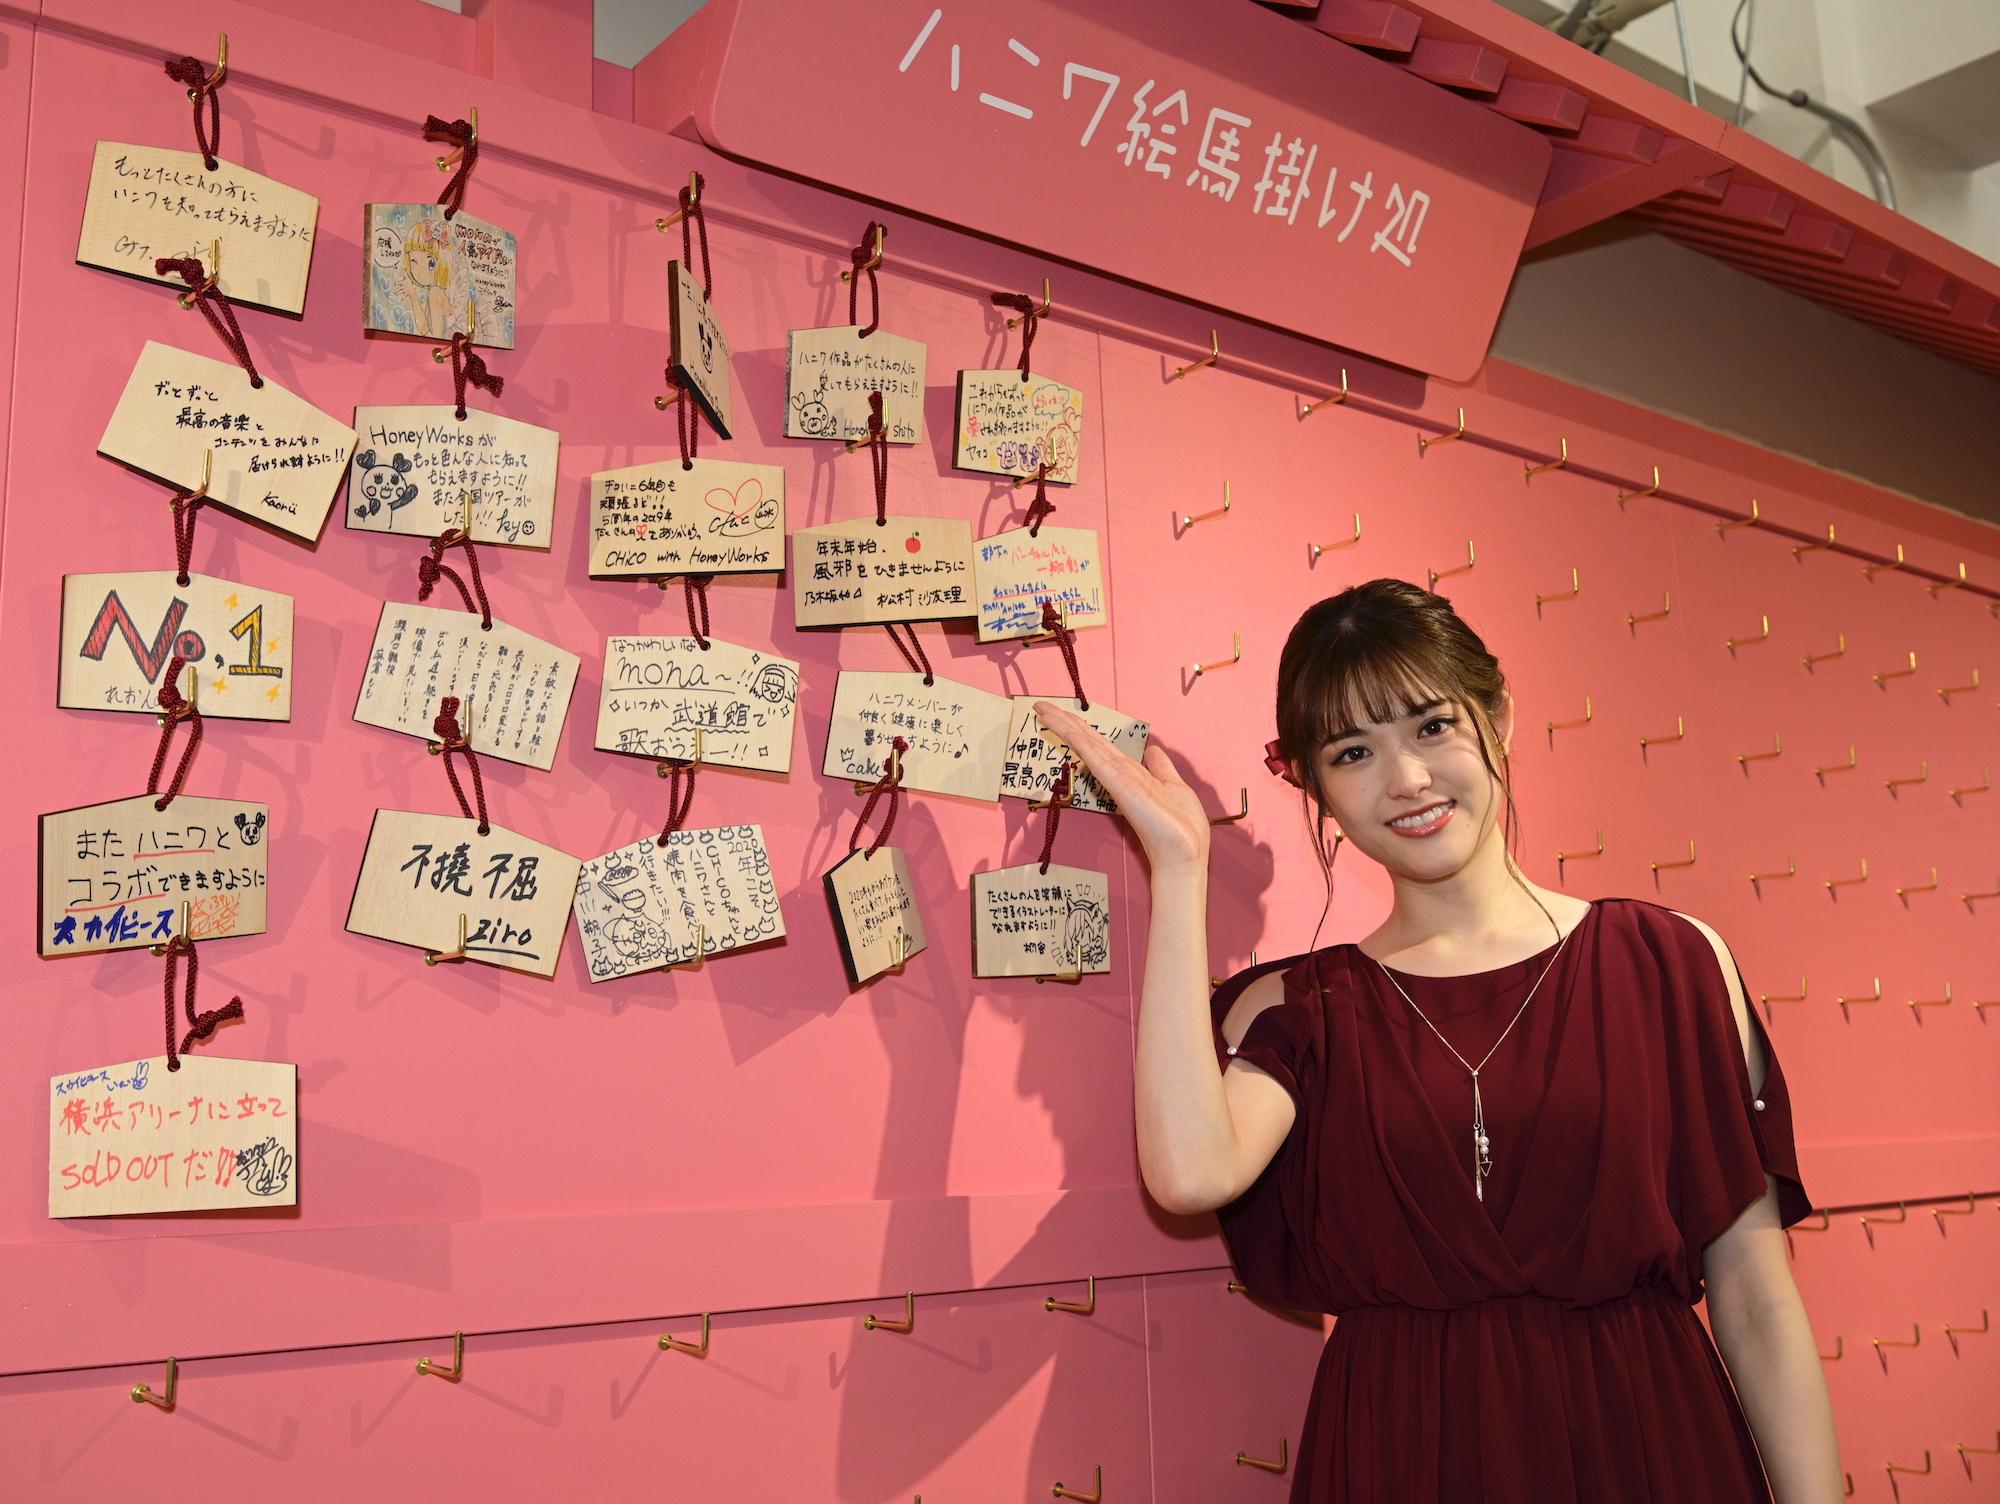 松村沙友理(まつむら さゆり/乃木坂46)2019年12月7日、横浜・アソビル「ハニワのアトリエ展」イベント会場 にて開催された『HoneyWorks クリスマス大発表会』にて。